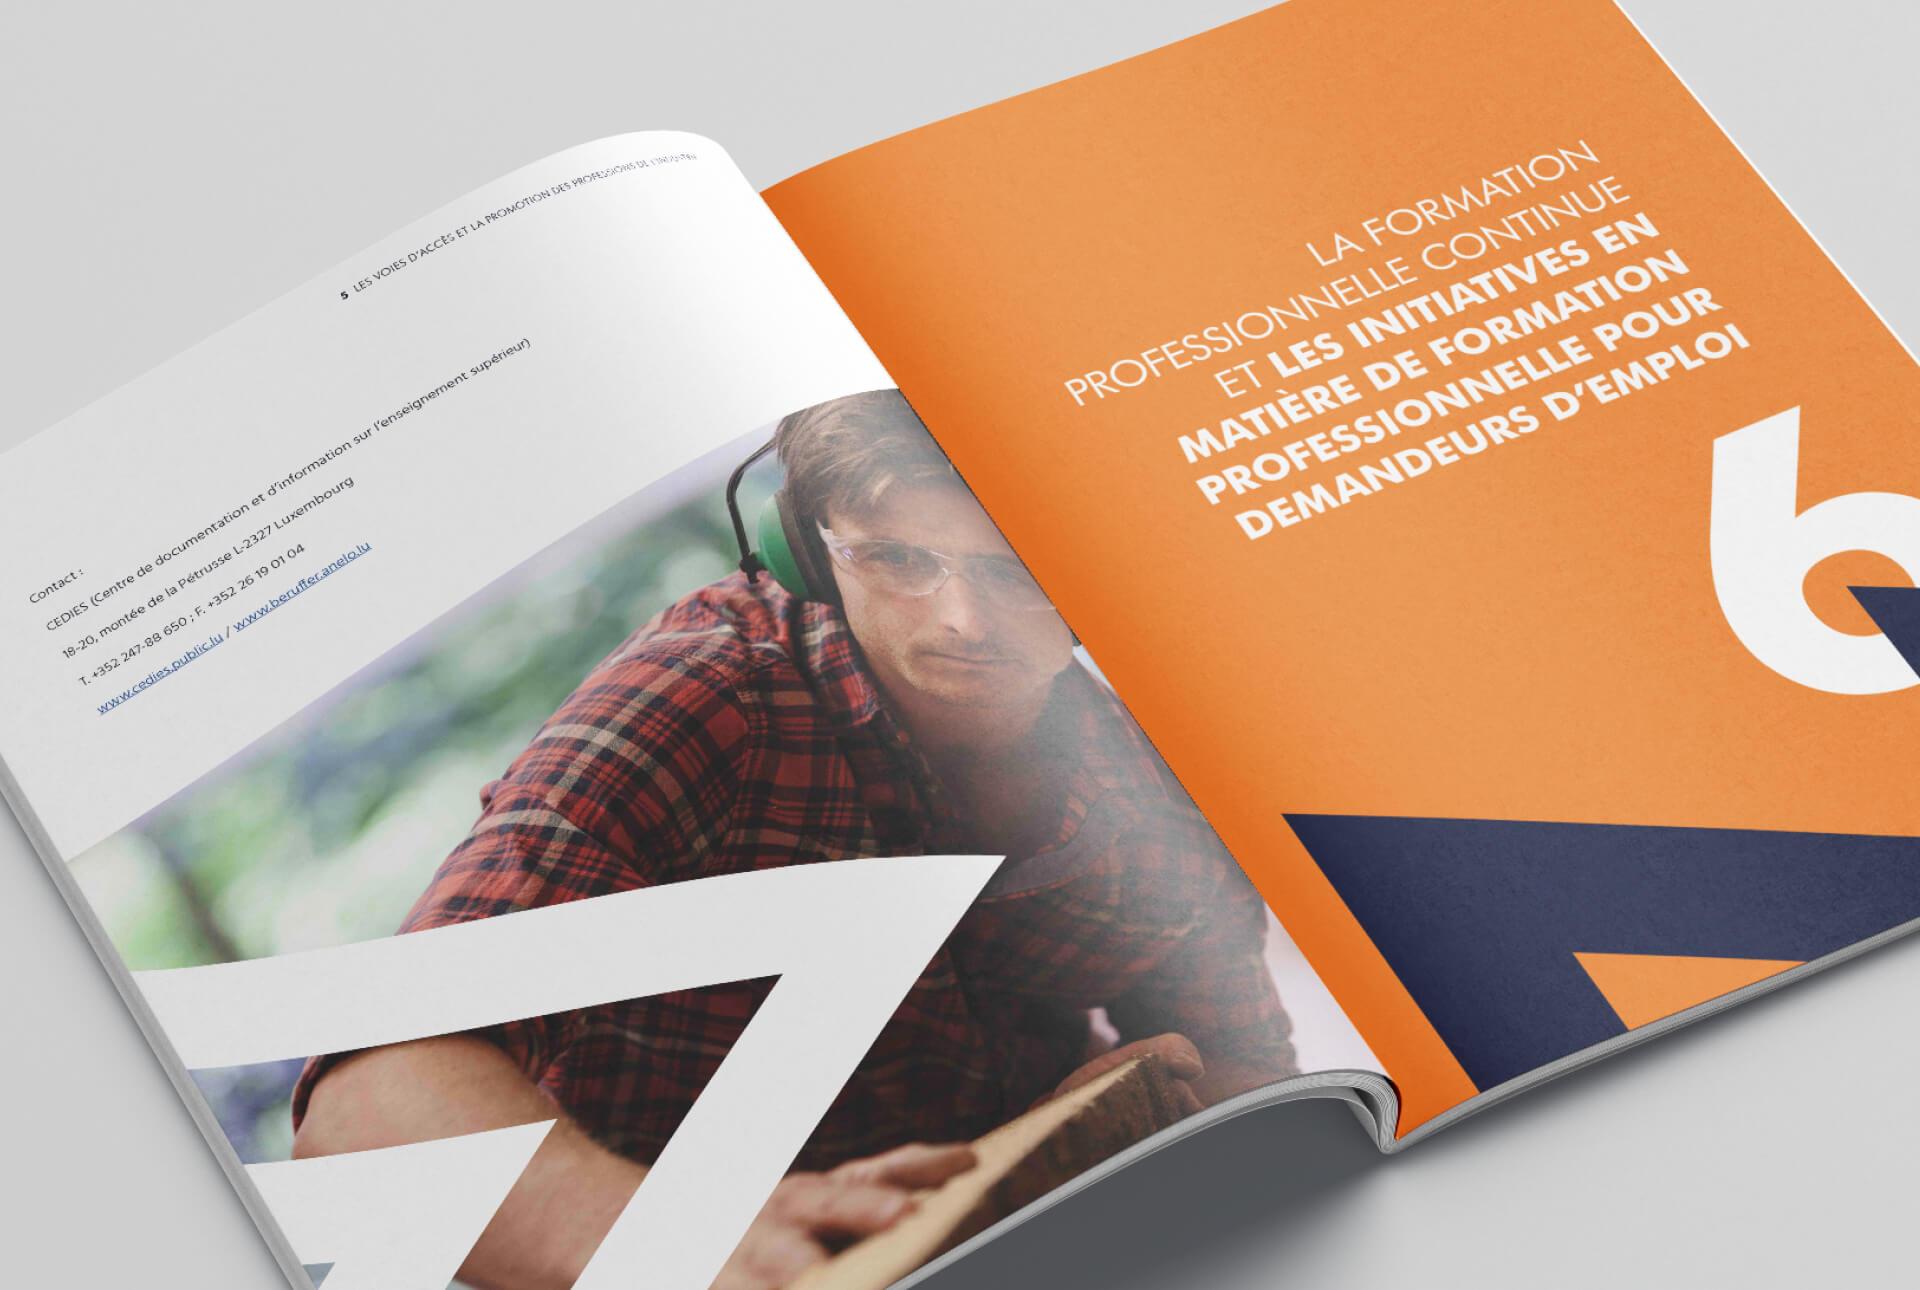 Brochure Fedil concernant les méties de l'industrie et la formation continue